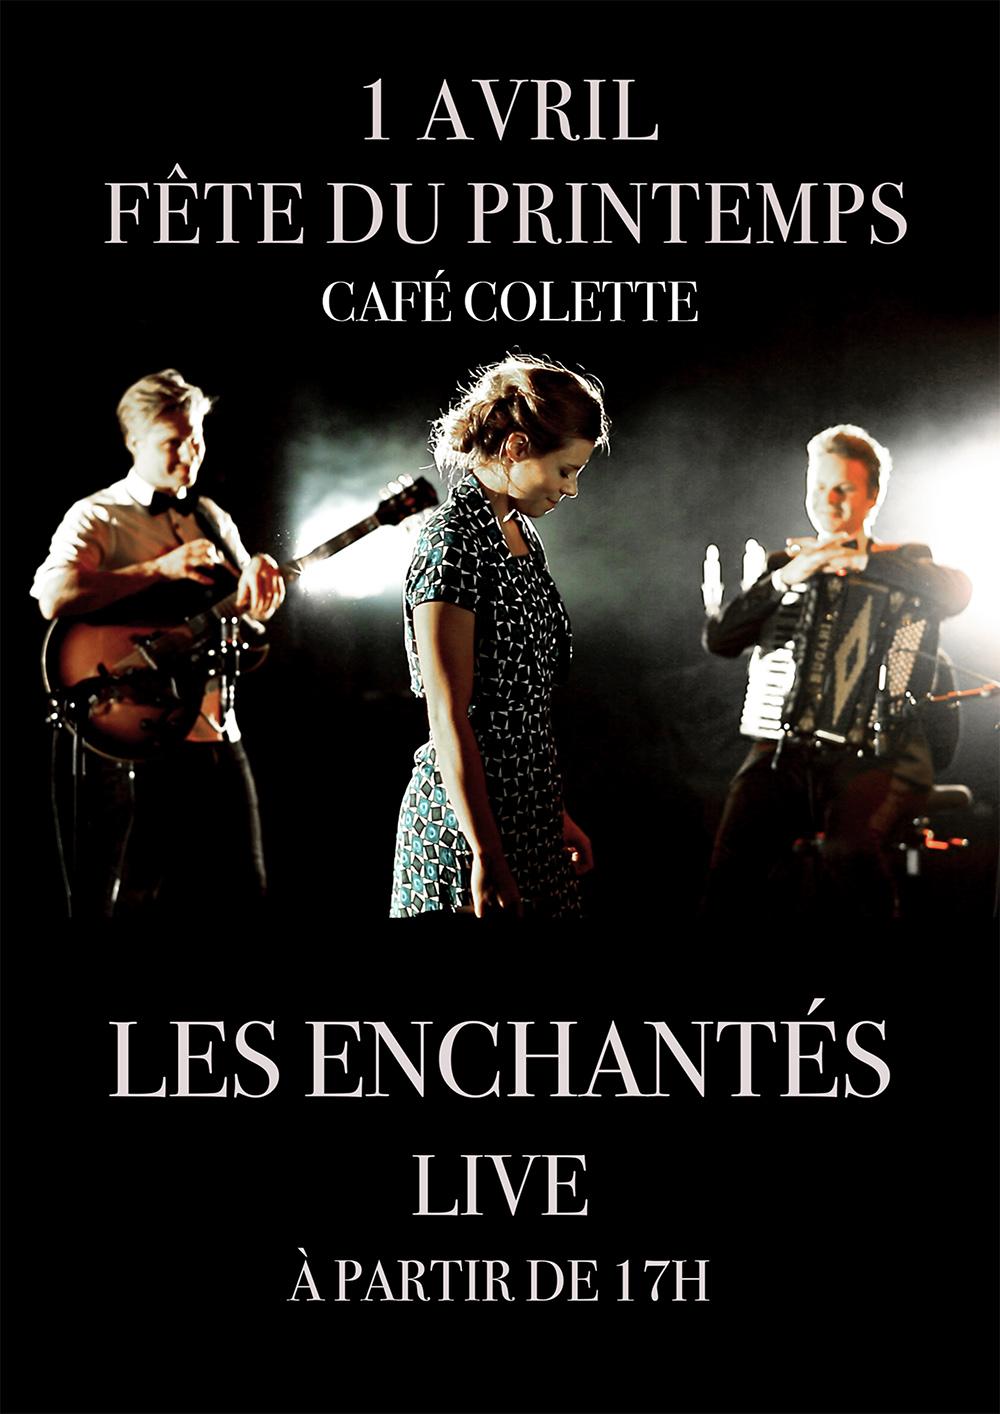 Musik event på Cafe Colette i Vasastan.jpg